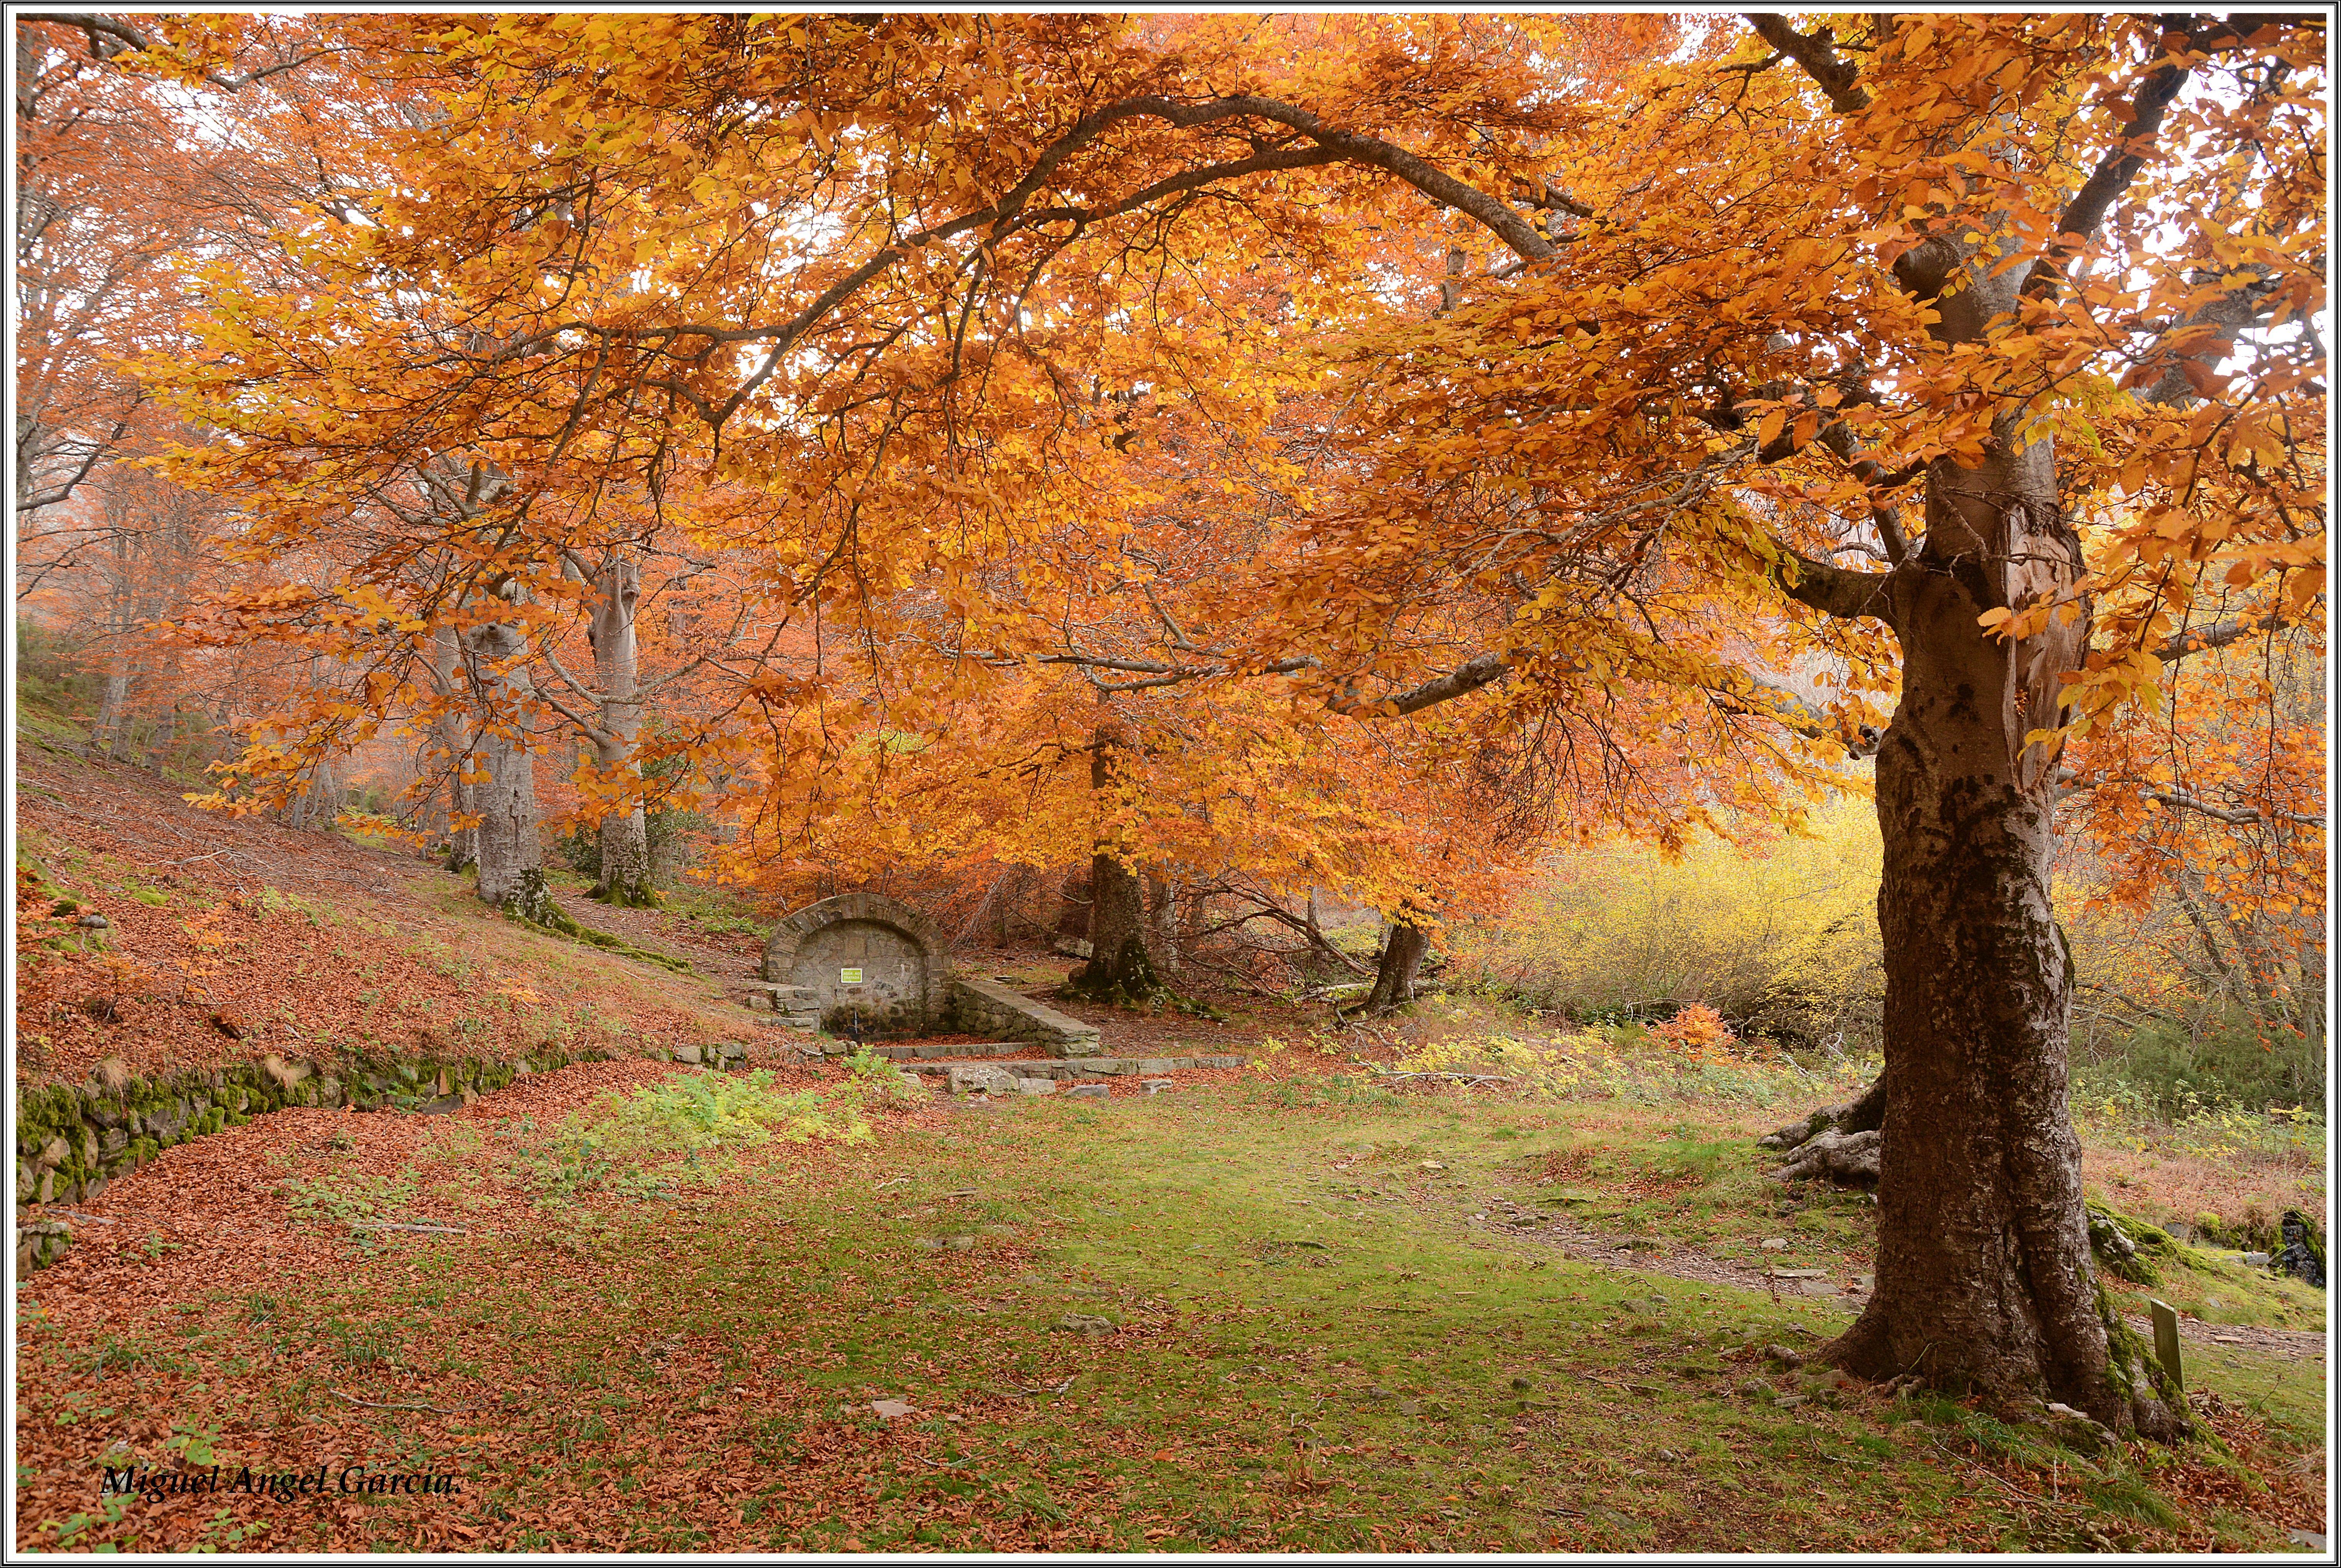 free images   leaf  autumn  season  maple tree  cool image